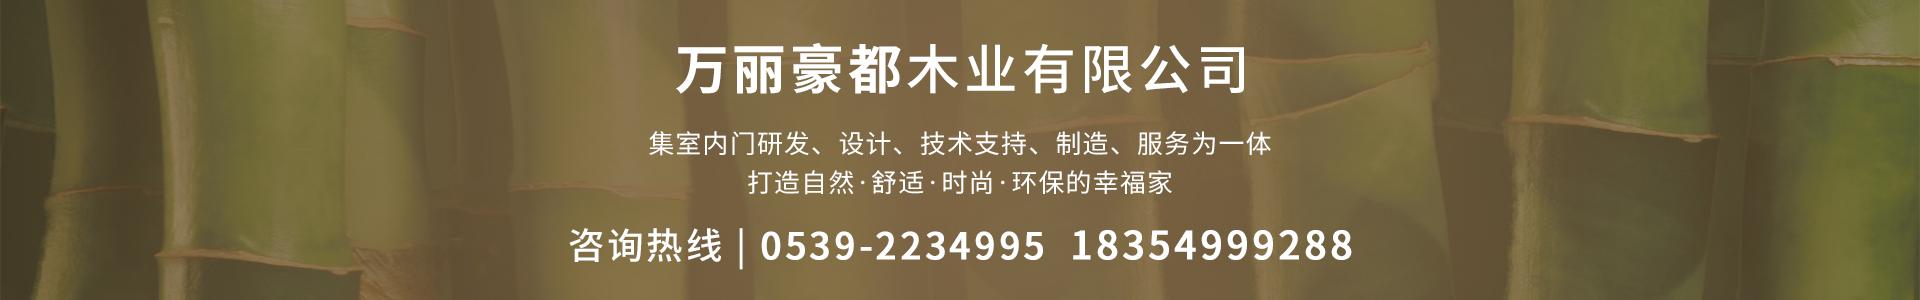 山东木门生产厂家,临沂免漆门生产厂家,沂水生态门